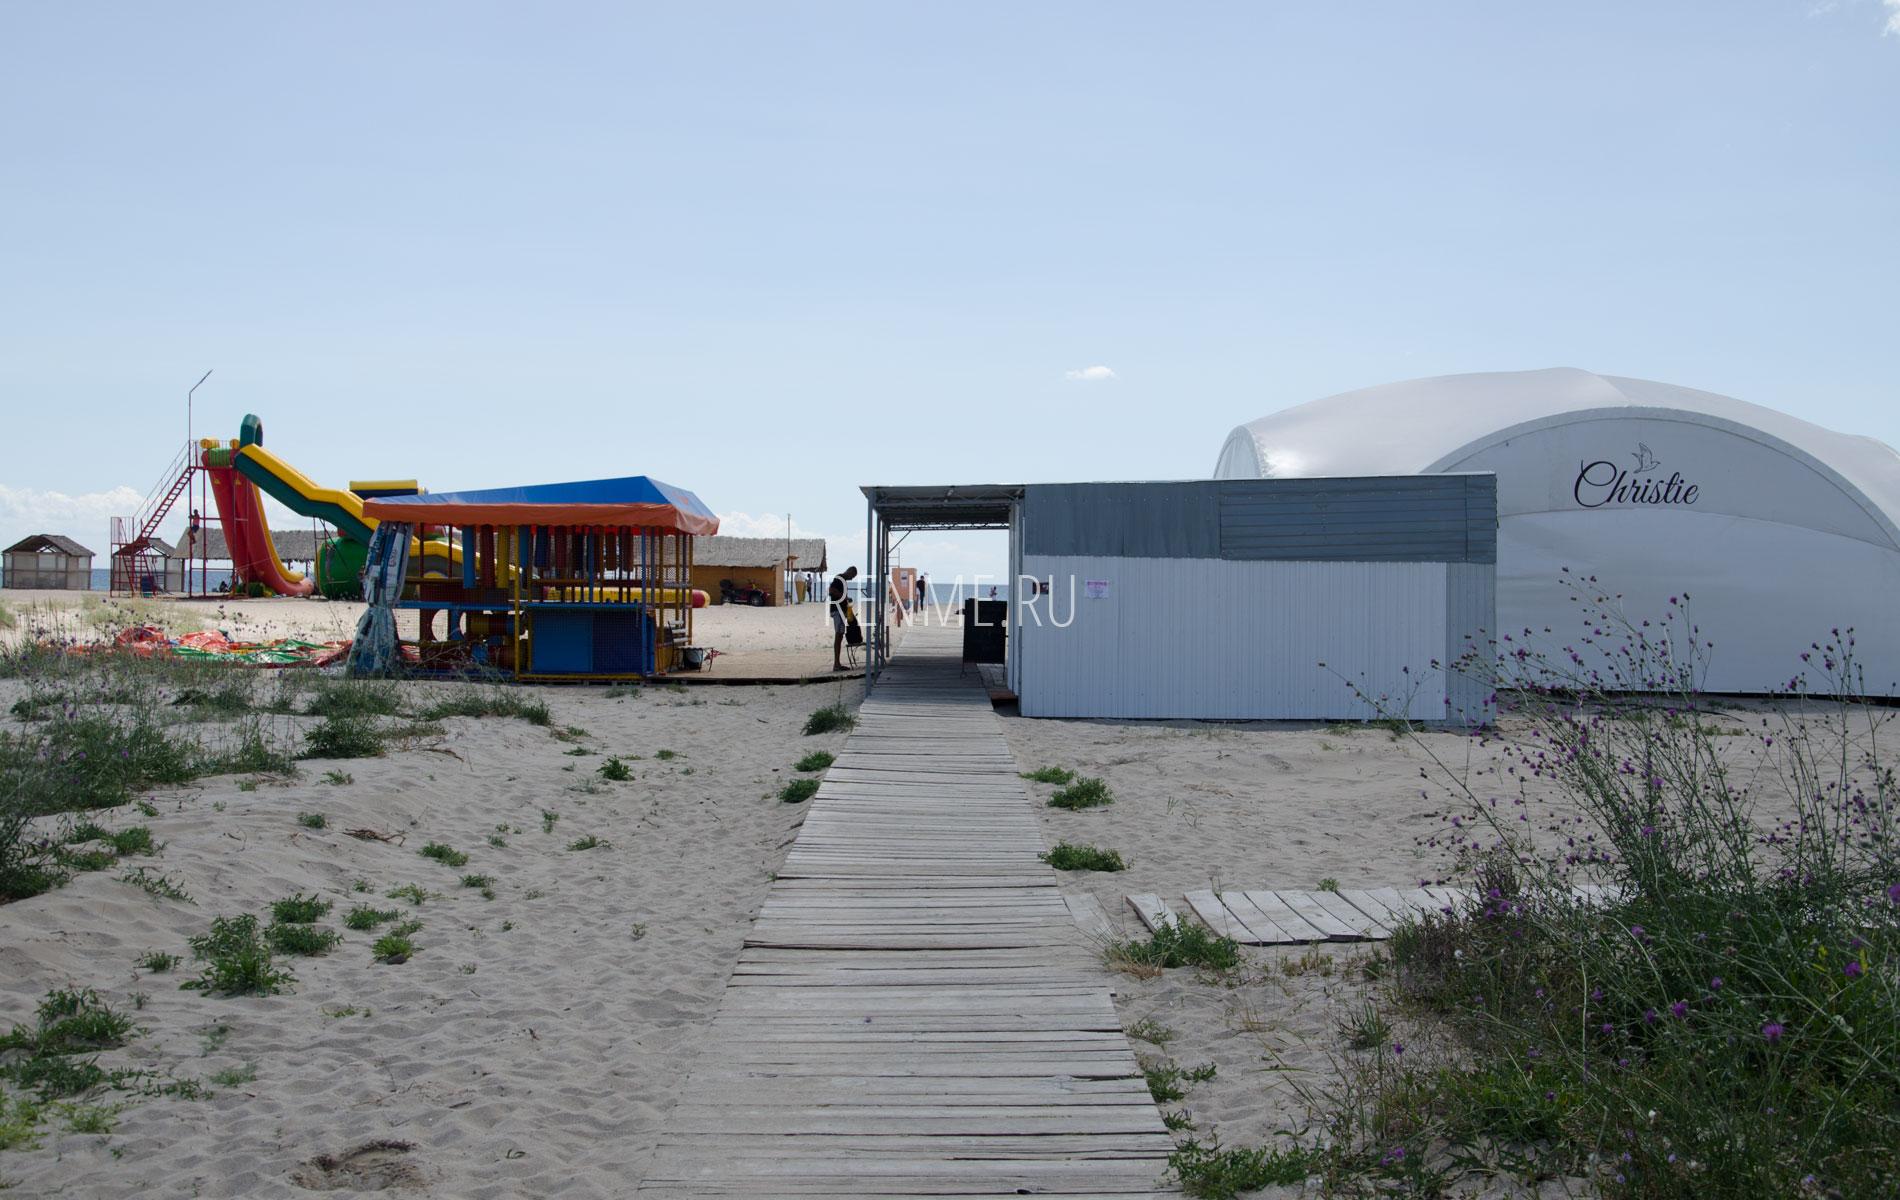 Кафе на песчаном пляже Christie. Фото Мирного